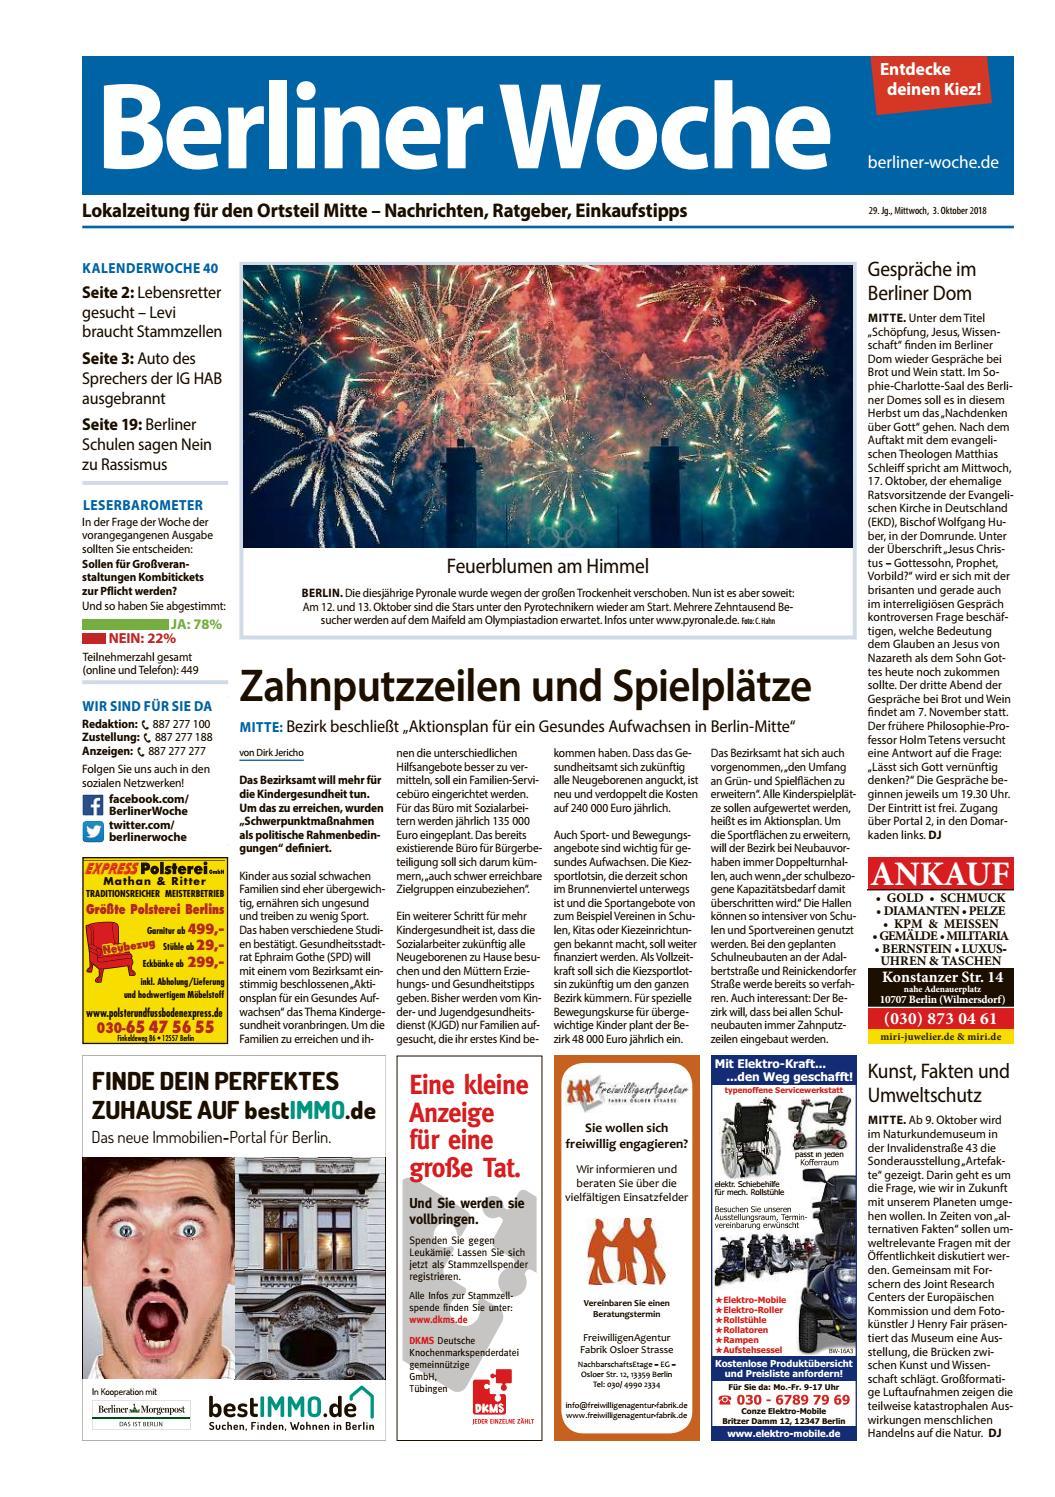 Amerikanische Kuche Wuppertal Deutsche Post